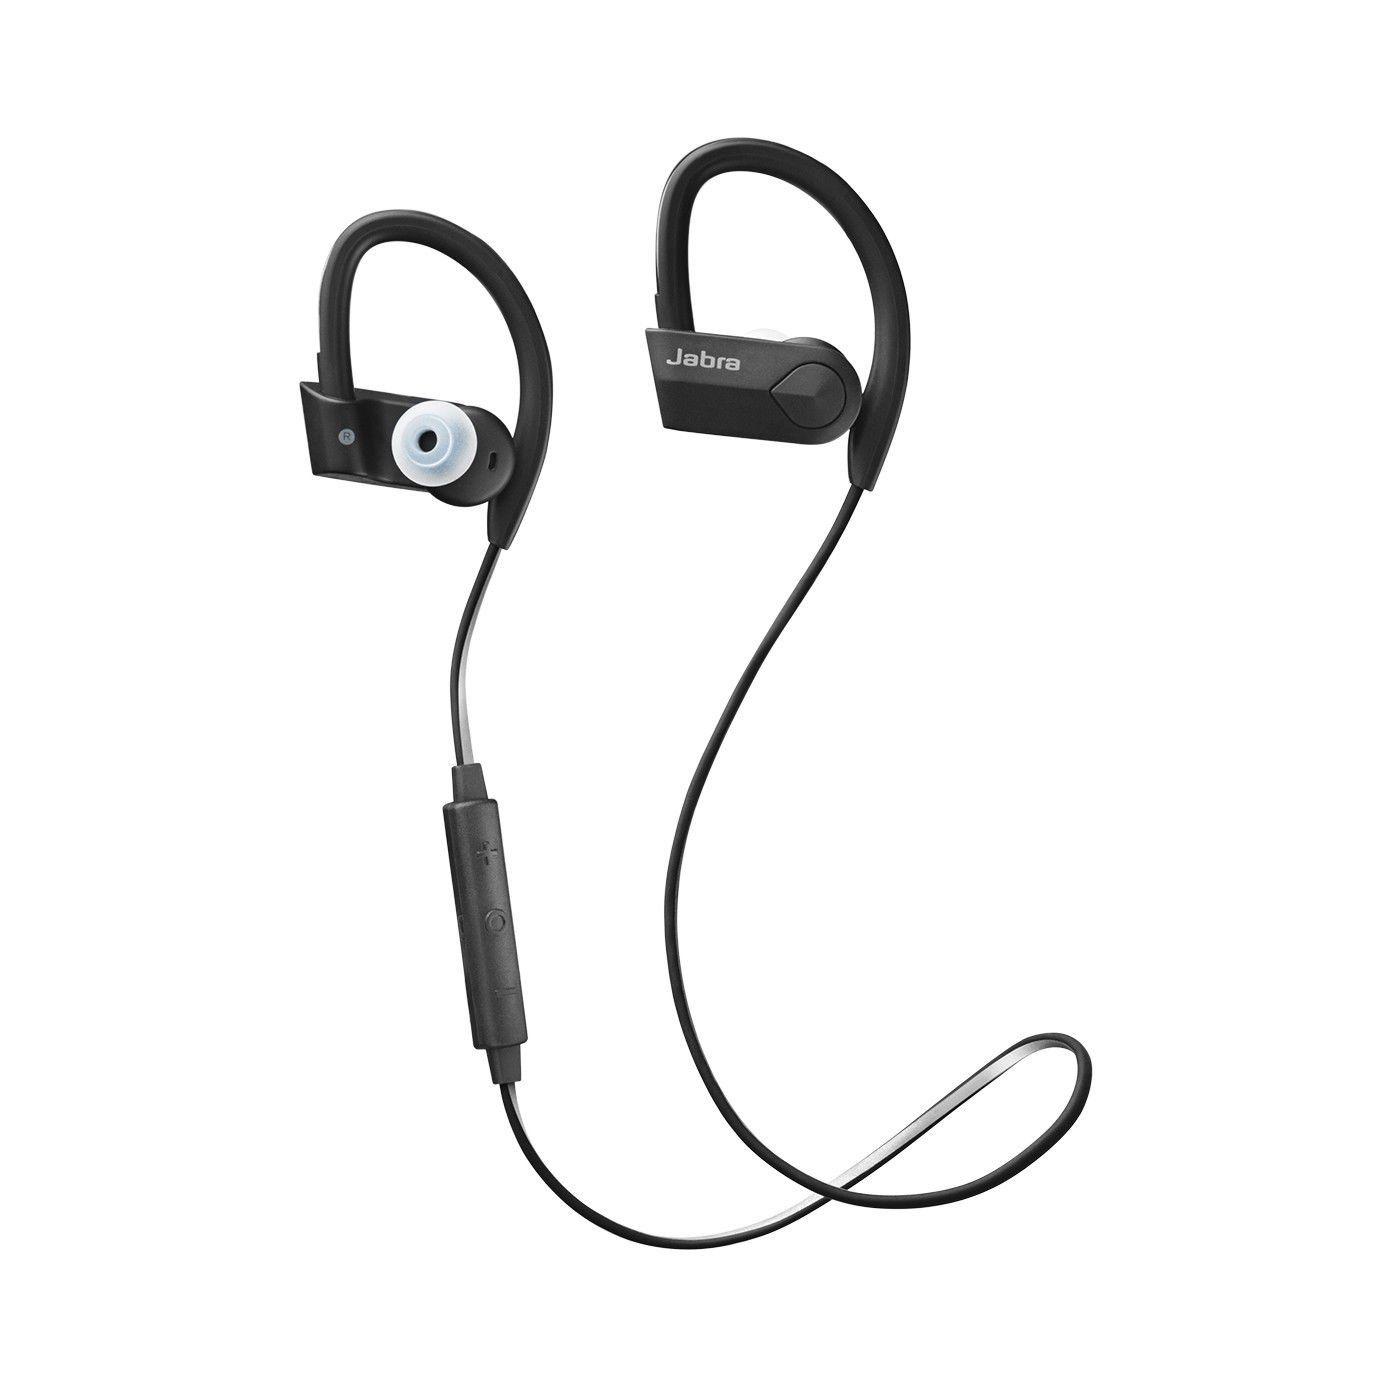 Jabra Wireless Running Earphones Are 75 Off On Ebay Today Wireless In Ear Headphones Wireless Headphones Workouts Wireless Headphones